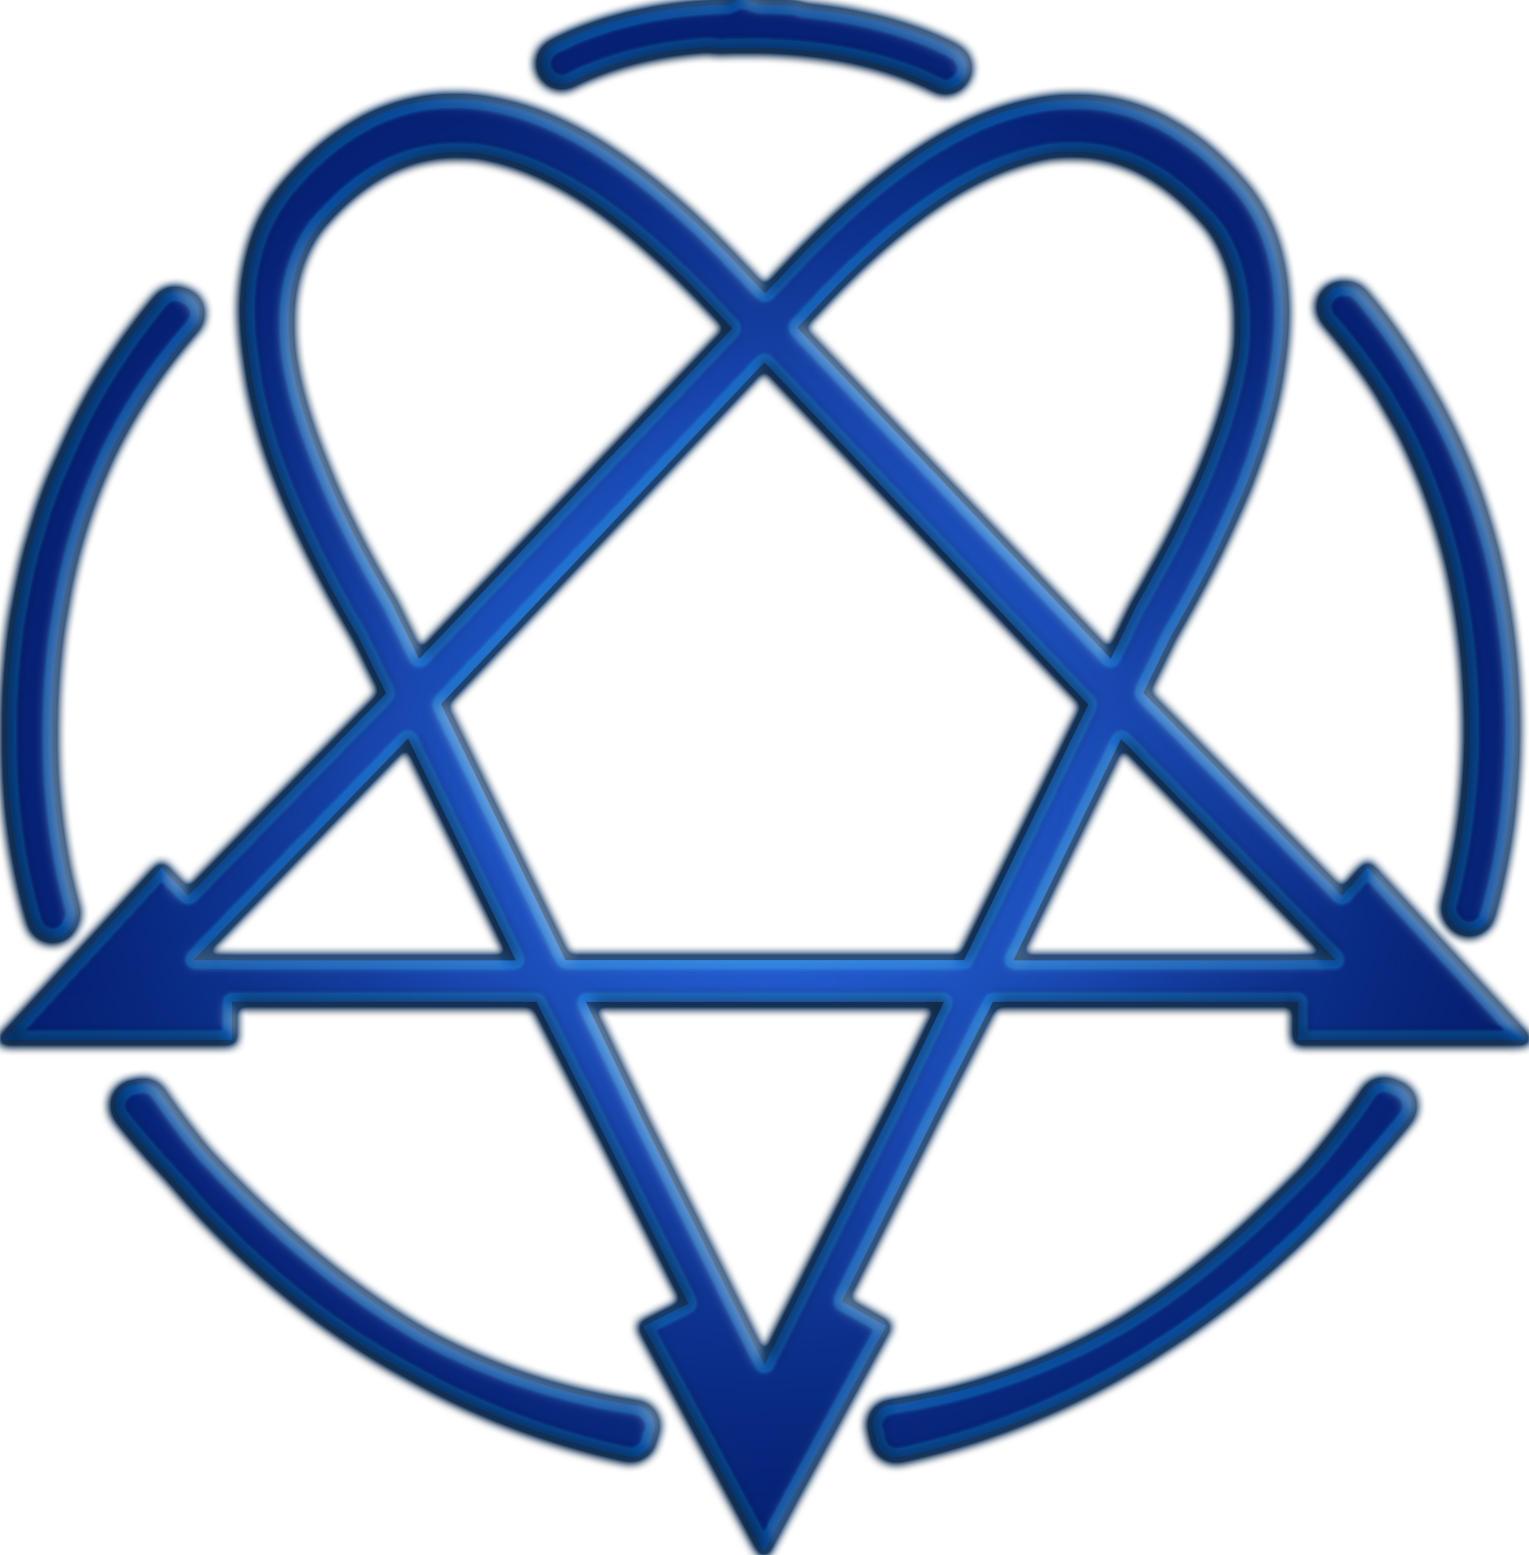 Heartagram 2 by Talon999 on DeviantArt: talon999.deviantart.com/art/heartagram-2-35625600